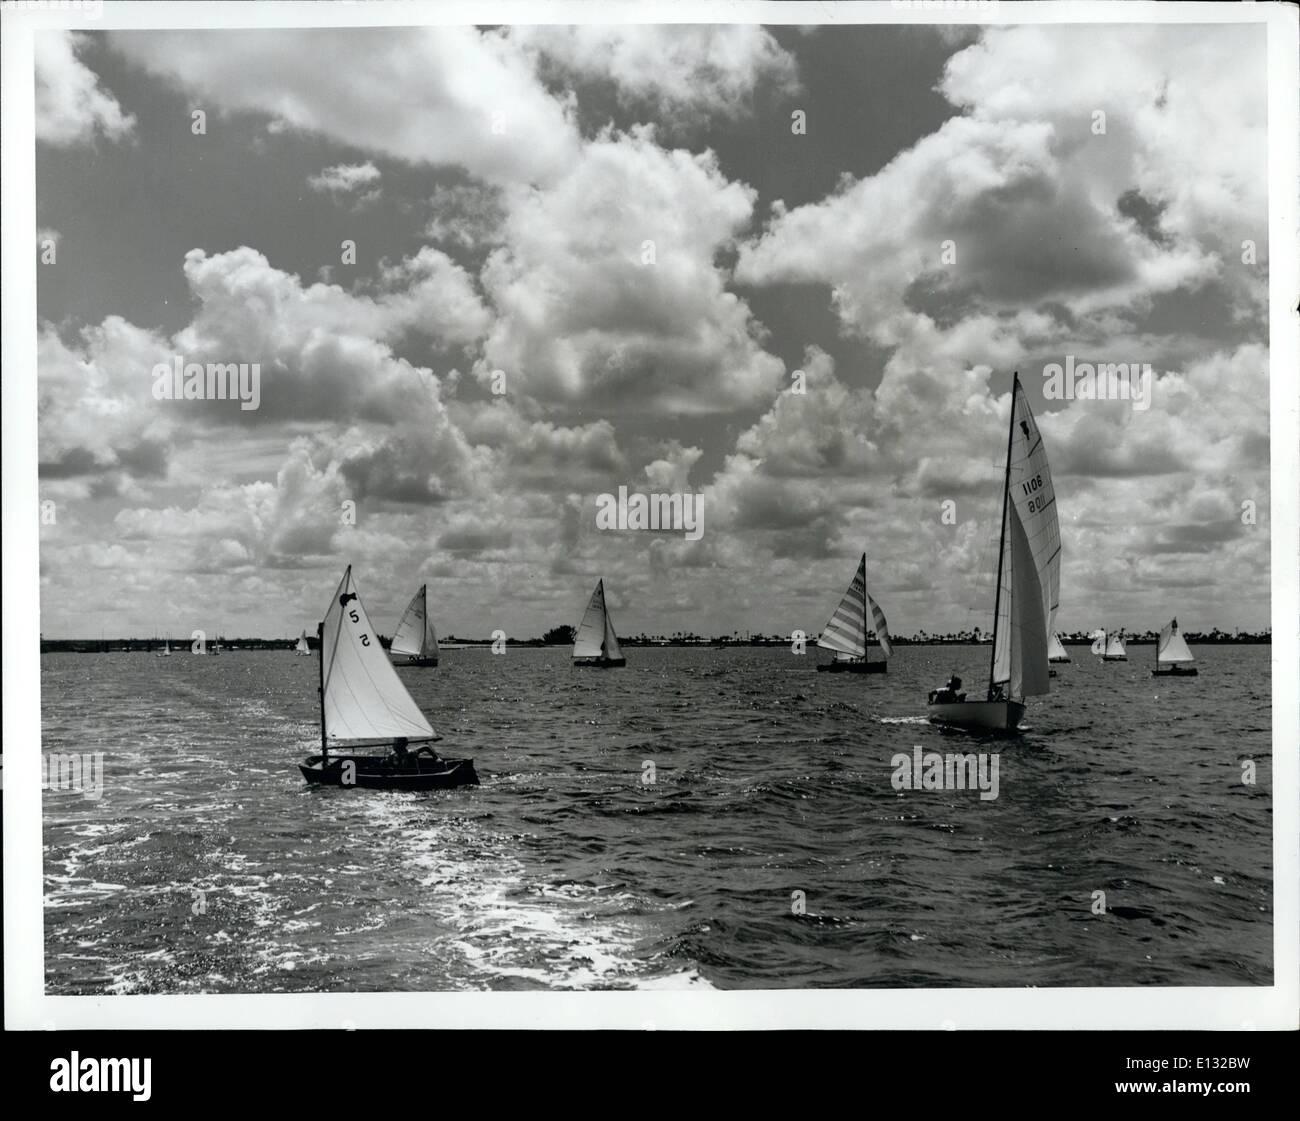 El 26 de febrero de 2012 - El Día del Trabajo, fiestas resaltar Florida's calendario de eventos para el mes de septiembre, y la regata en Sarasota Foto de stock